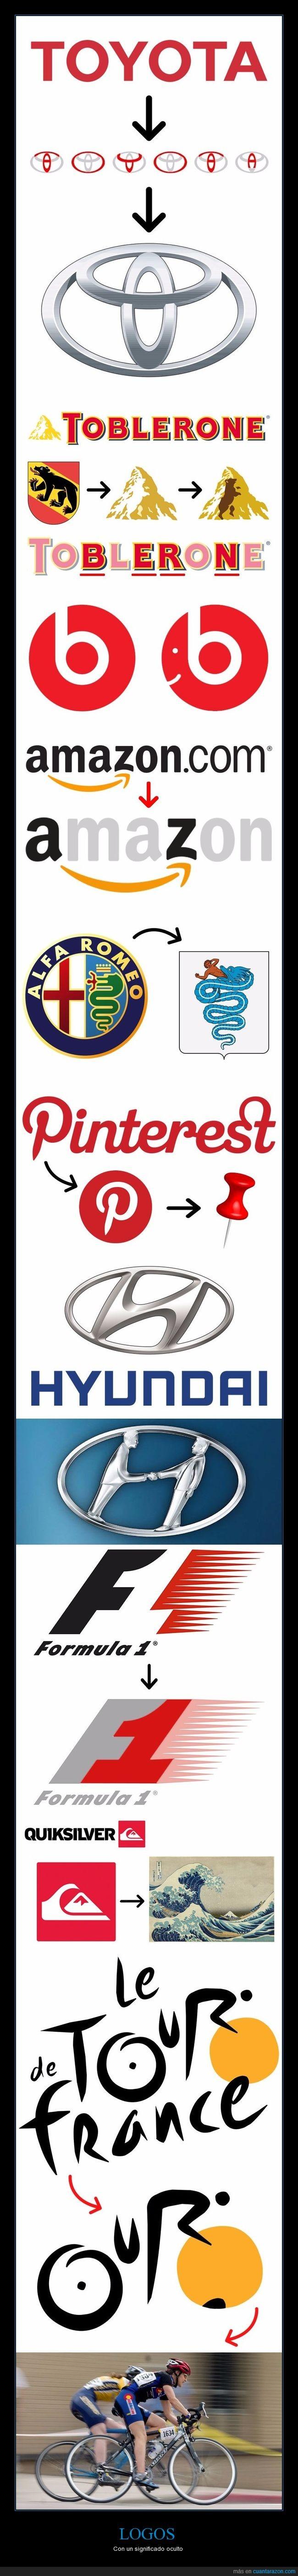 escondido,logos,marcas